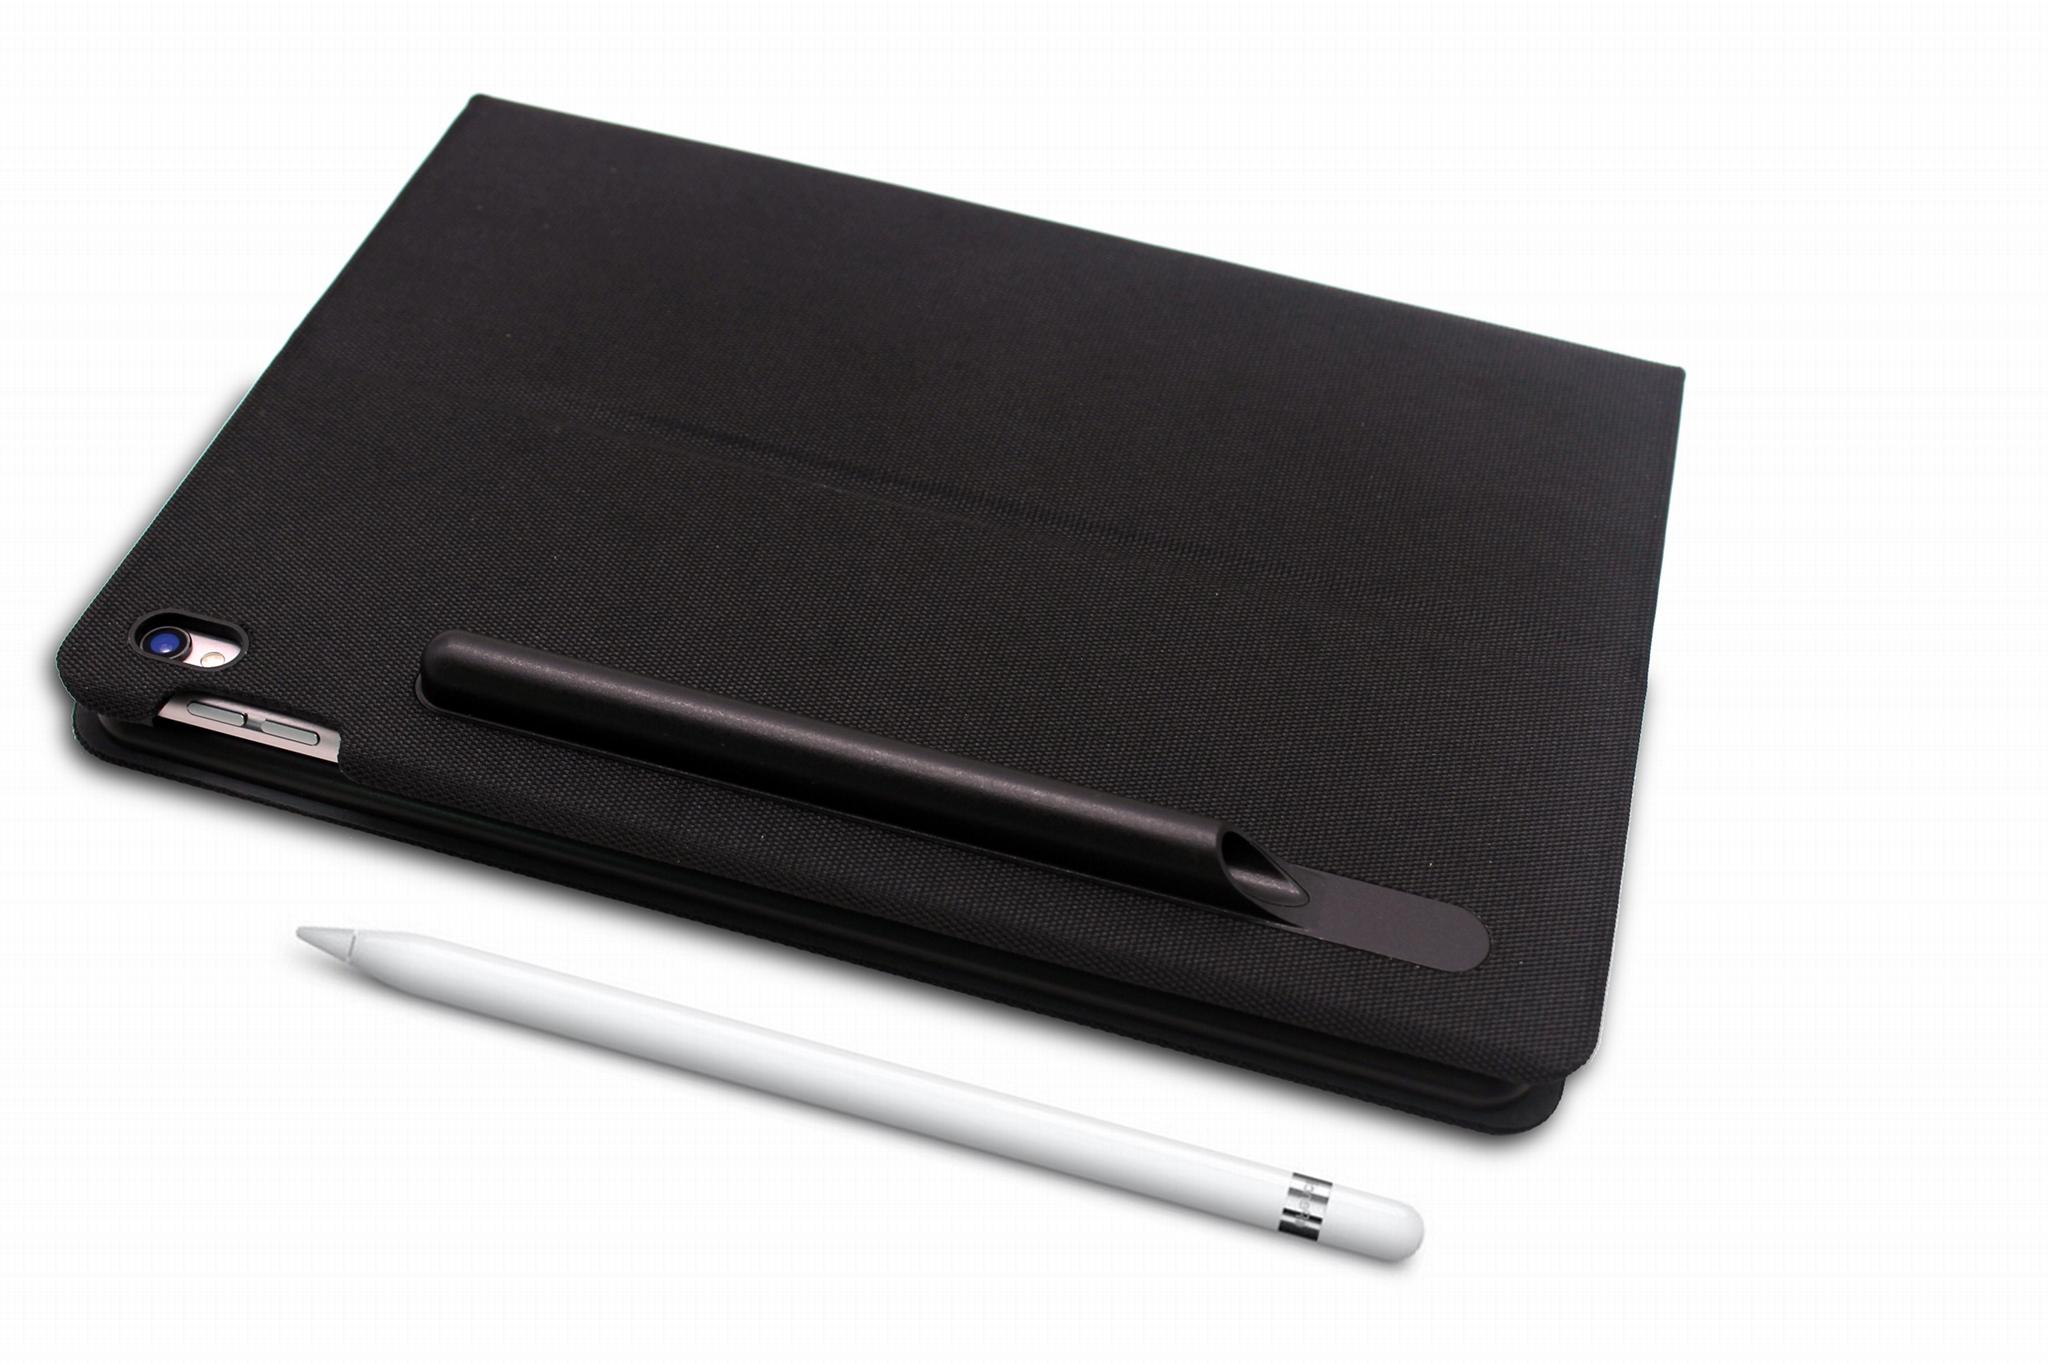 iPad 键盘,智能键盘,平板键盘,无线键盘,背光键盘 3